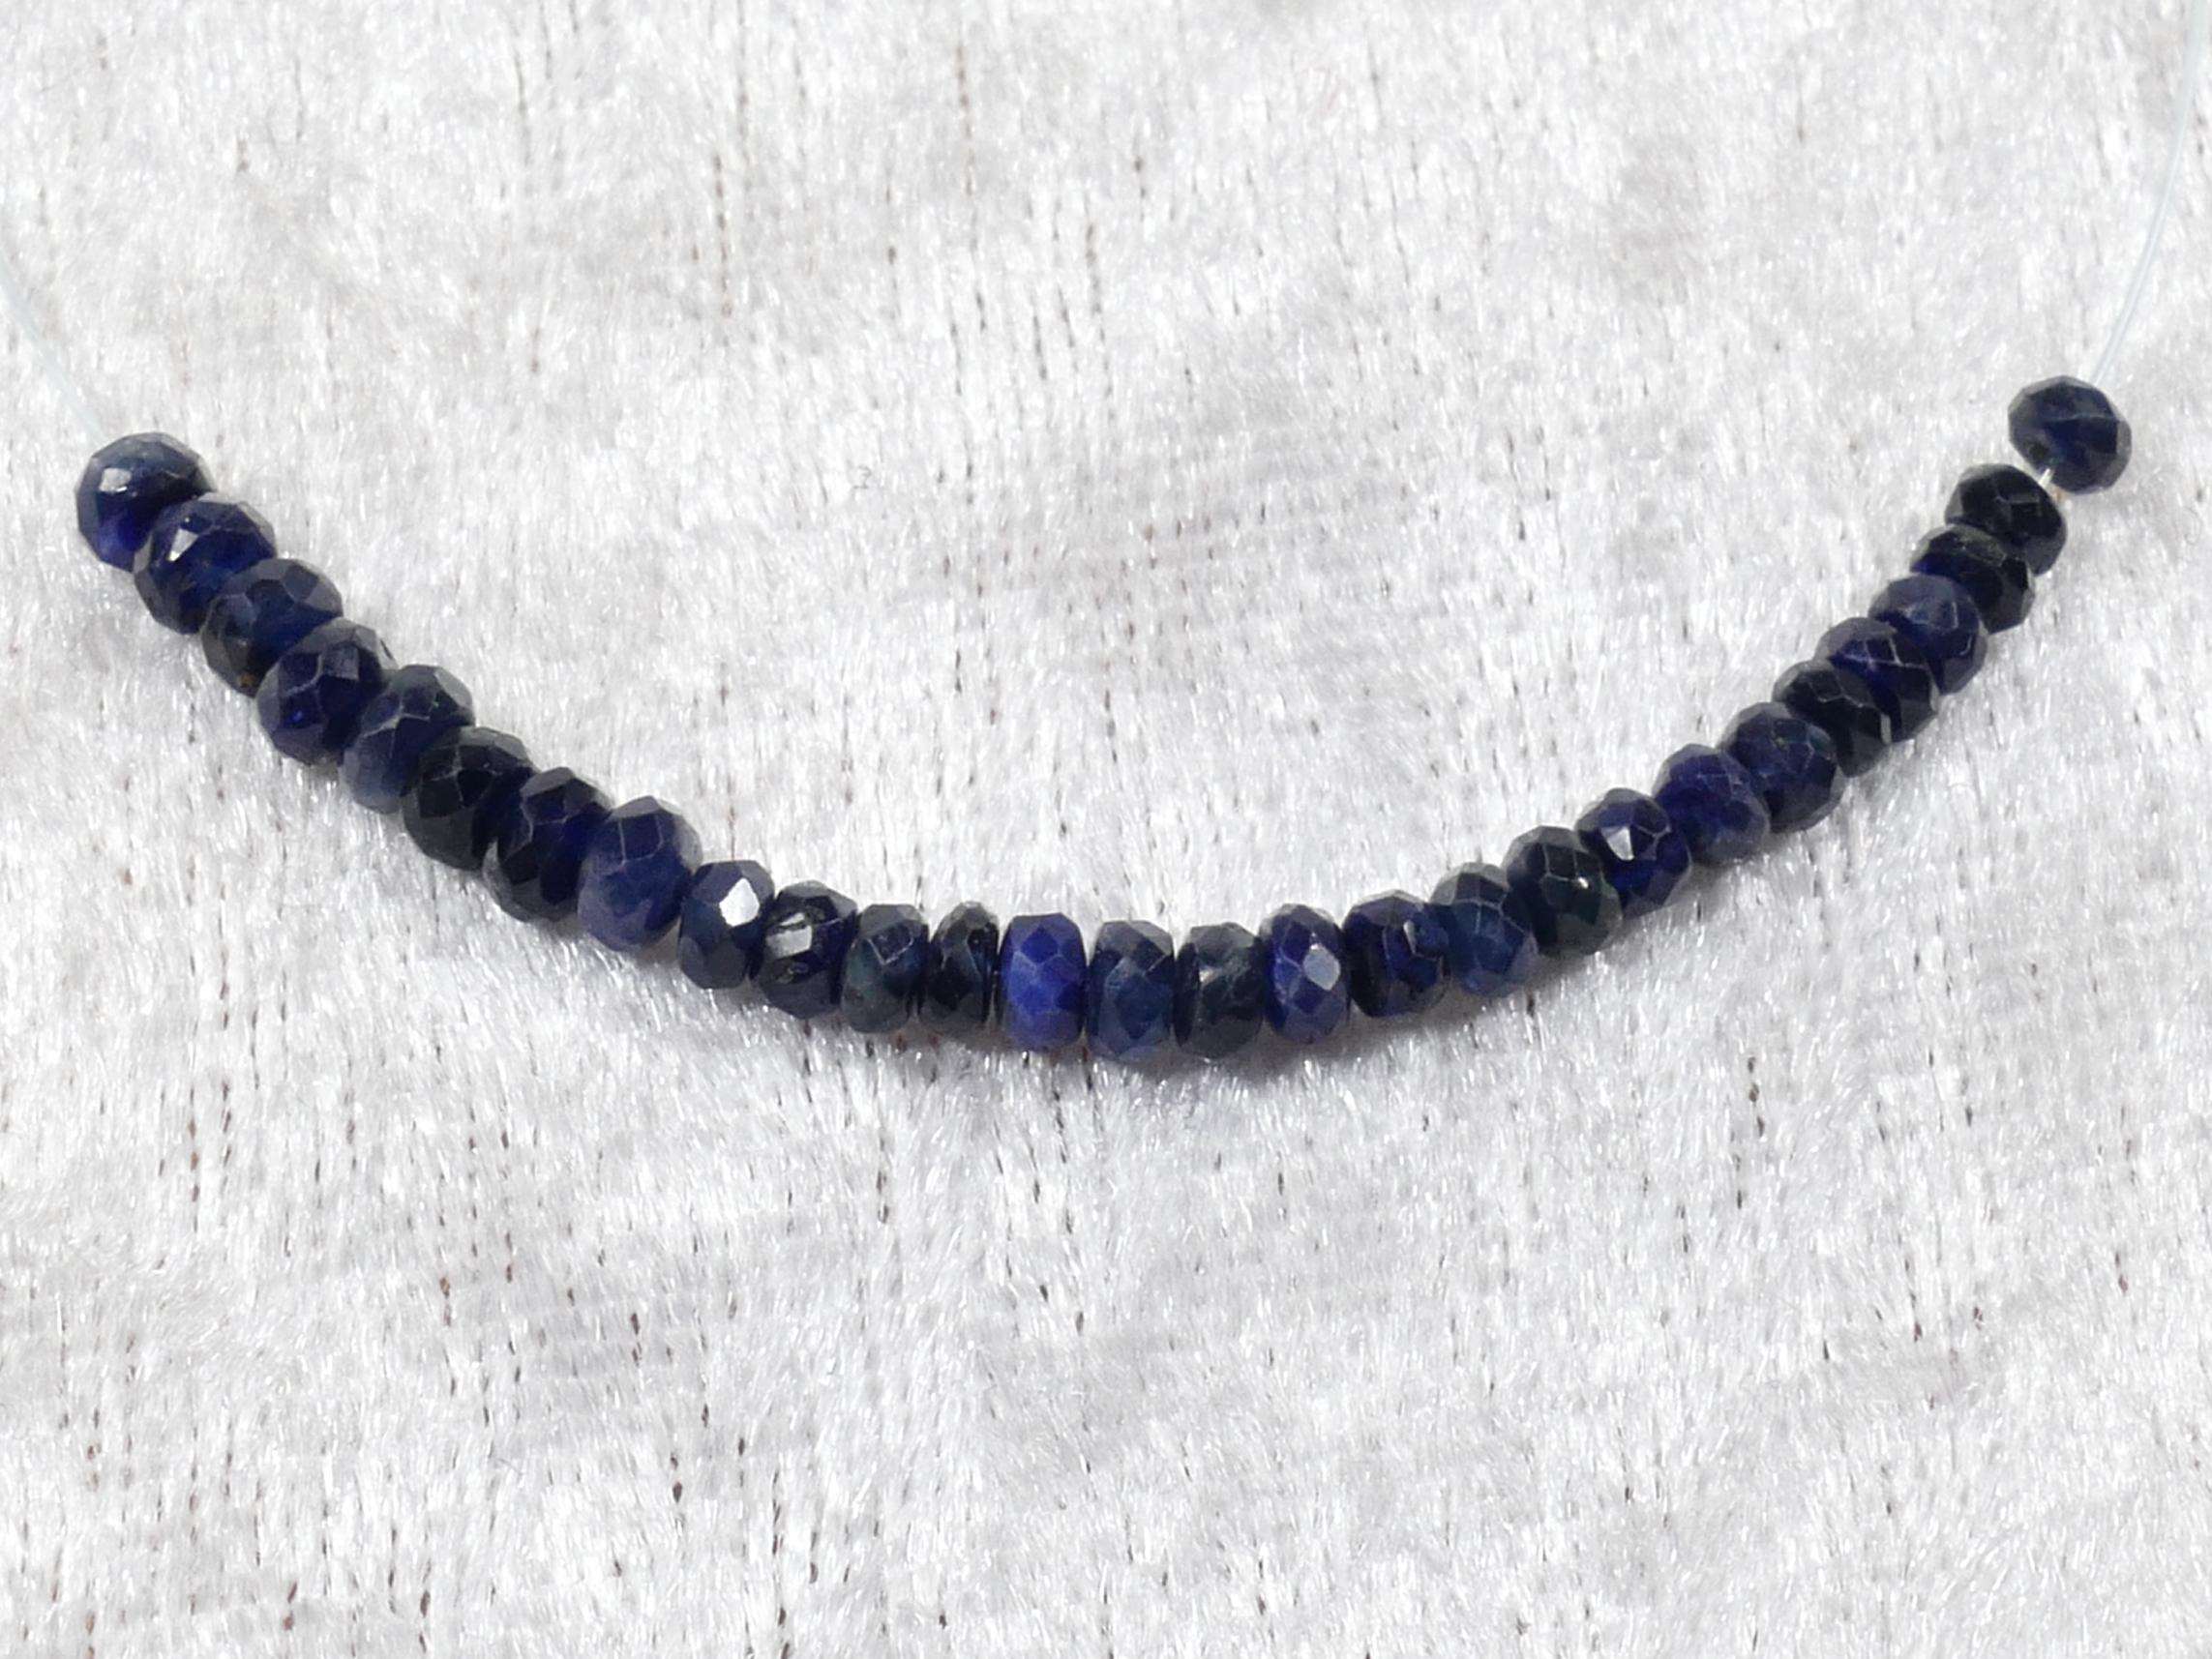 3/3.5mm Perles de Saphir bleu foncé naturel en rondelle facettée x5cm (1.9inch) (#PM901)